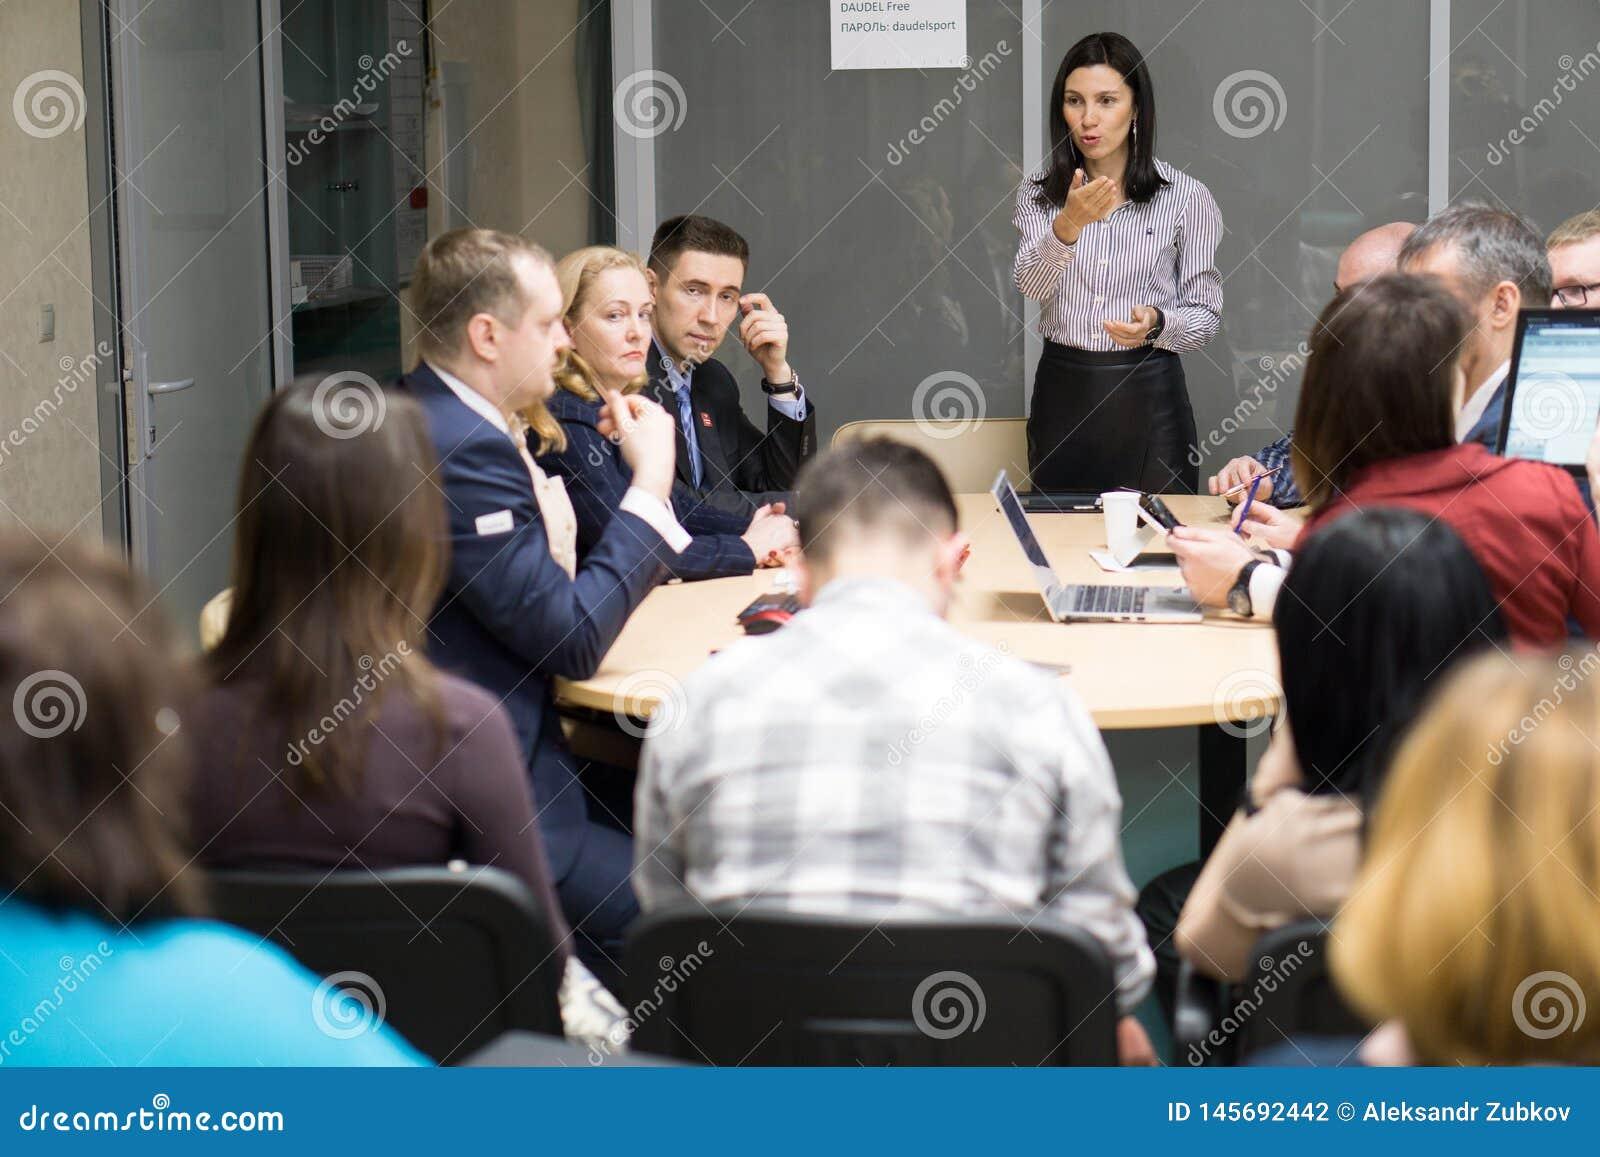 秋明,俄罗斯,02 21 2017? 当前报告的女性经理讲话在不同的举行纸解释的队印度工作者领导